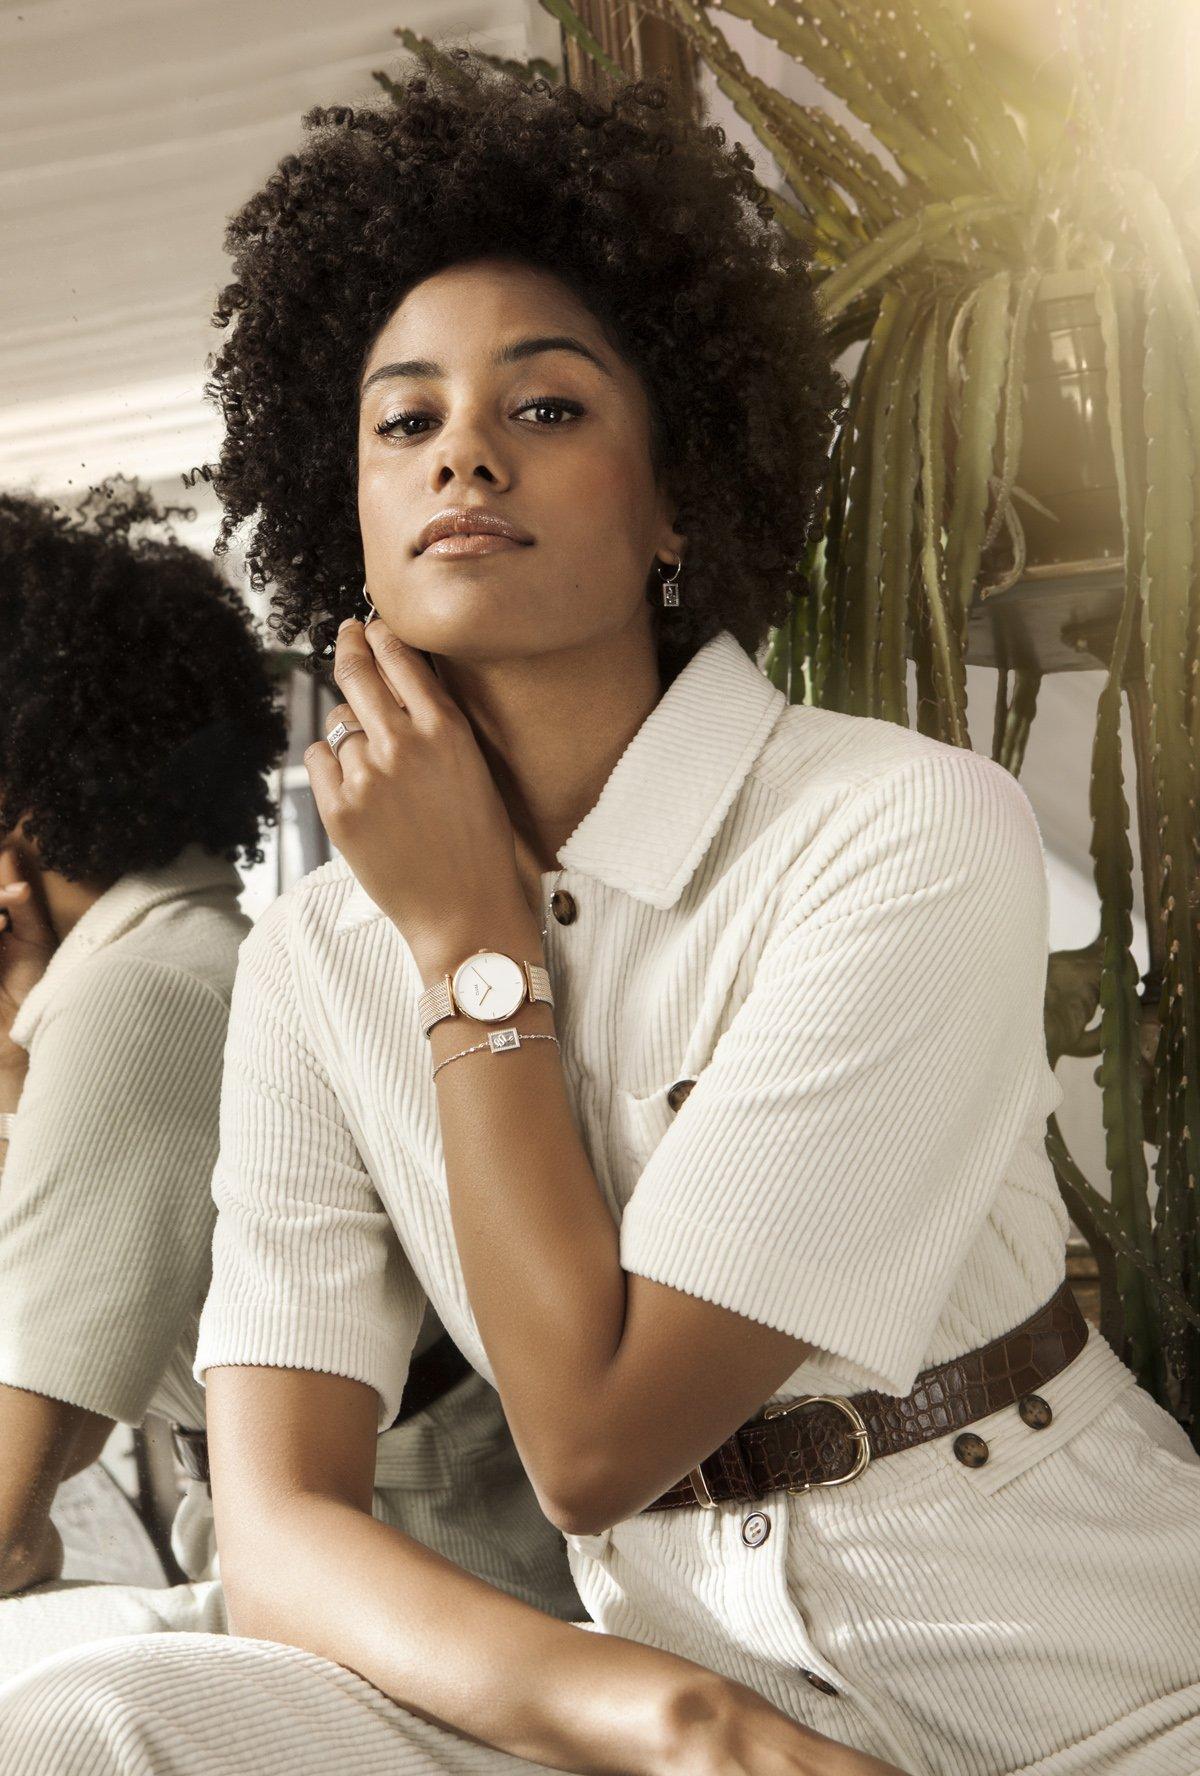 Delikatny, damski zegarek Cluse CL61003 Rose Gold White/Silver Rose Gold na srebrno-różowej bransolecie typu mesh. Koperta jest wykonana z mosiądzu w różowym kolorze. Minimalistyczna, analogowa tarcza jest w białym kolorze z wskazówkami w kolorze różowego złota.